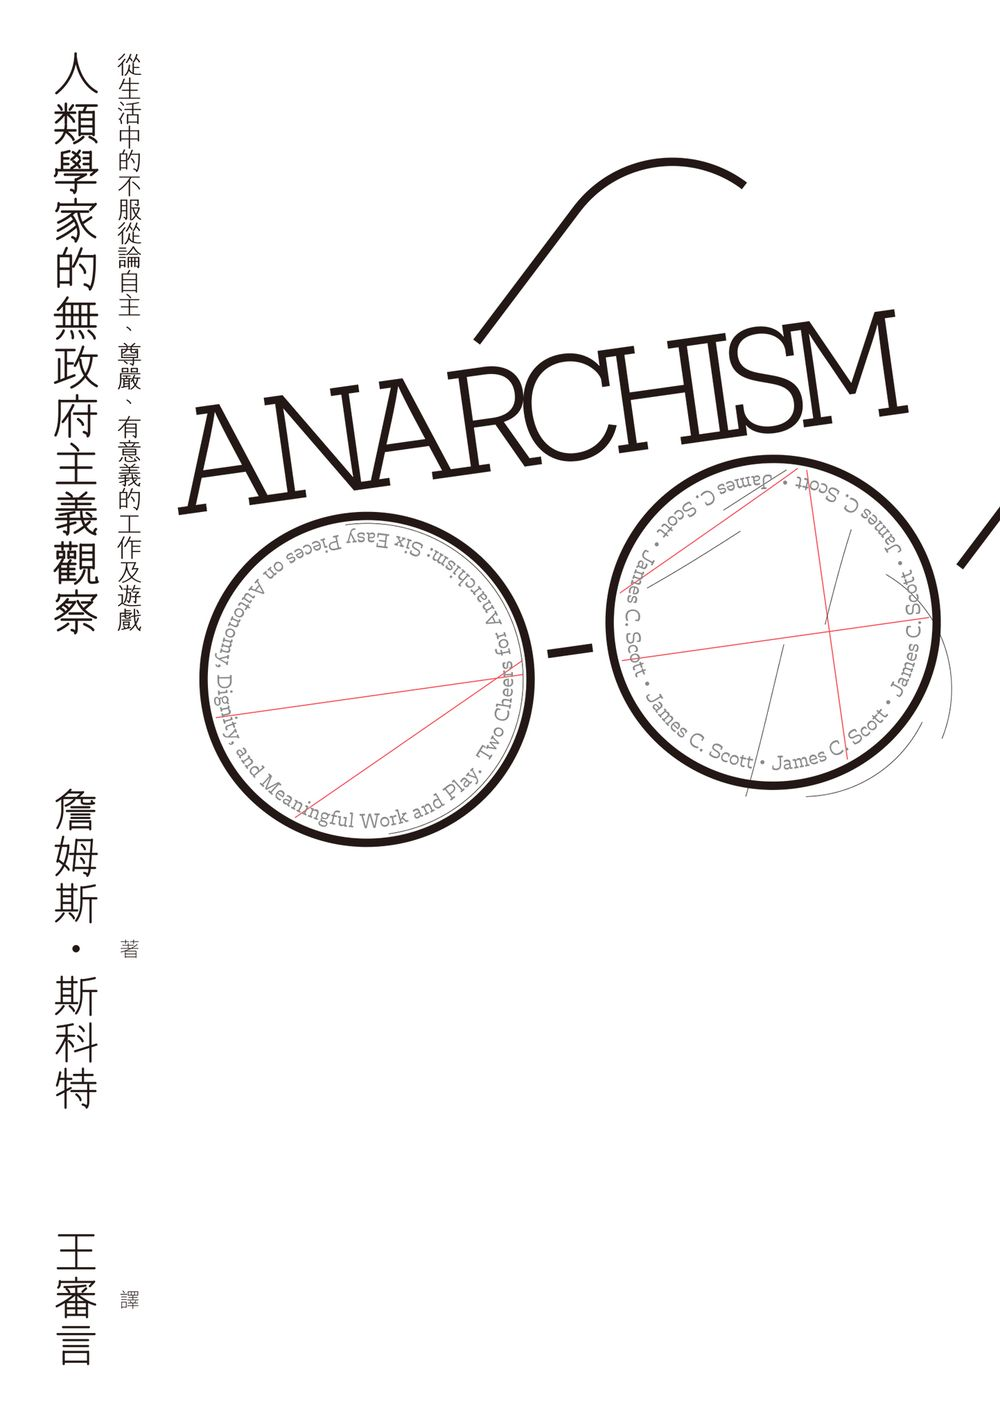 人類學家的無政府主義觀察:從生活中的不服從論自主、尊嚴、有意義的工作及遊戲 (電子書)